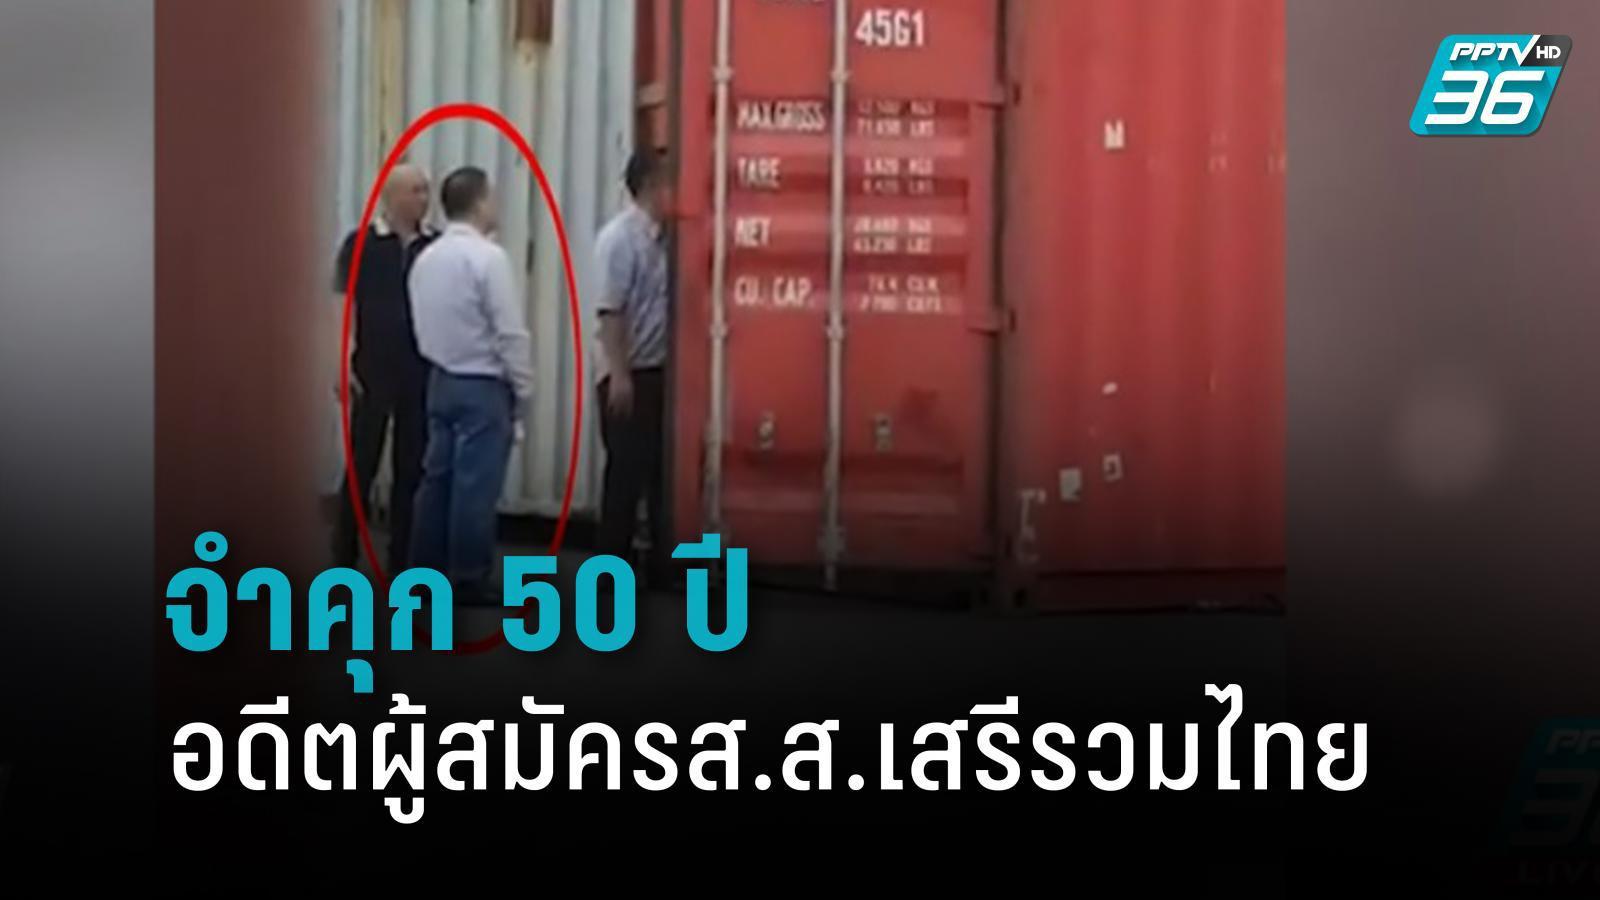 """ศาล สั่งคุก 50 ปี """"สุบรรณ"""" อดีตผู้สมัครส.ส.เสรีรวมไทย"""